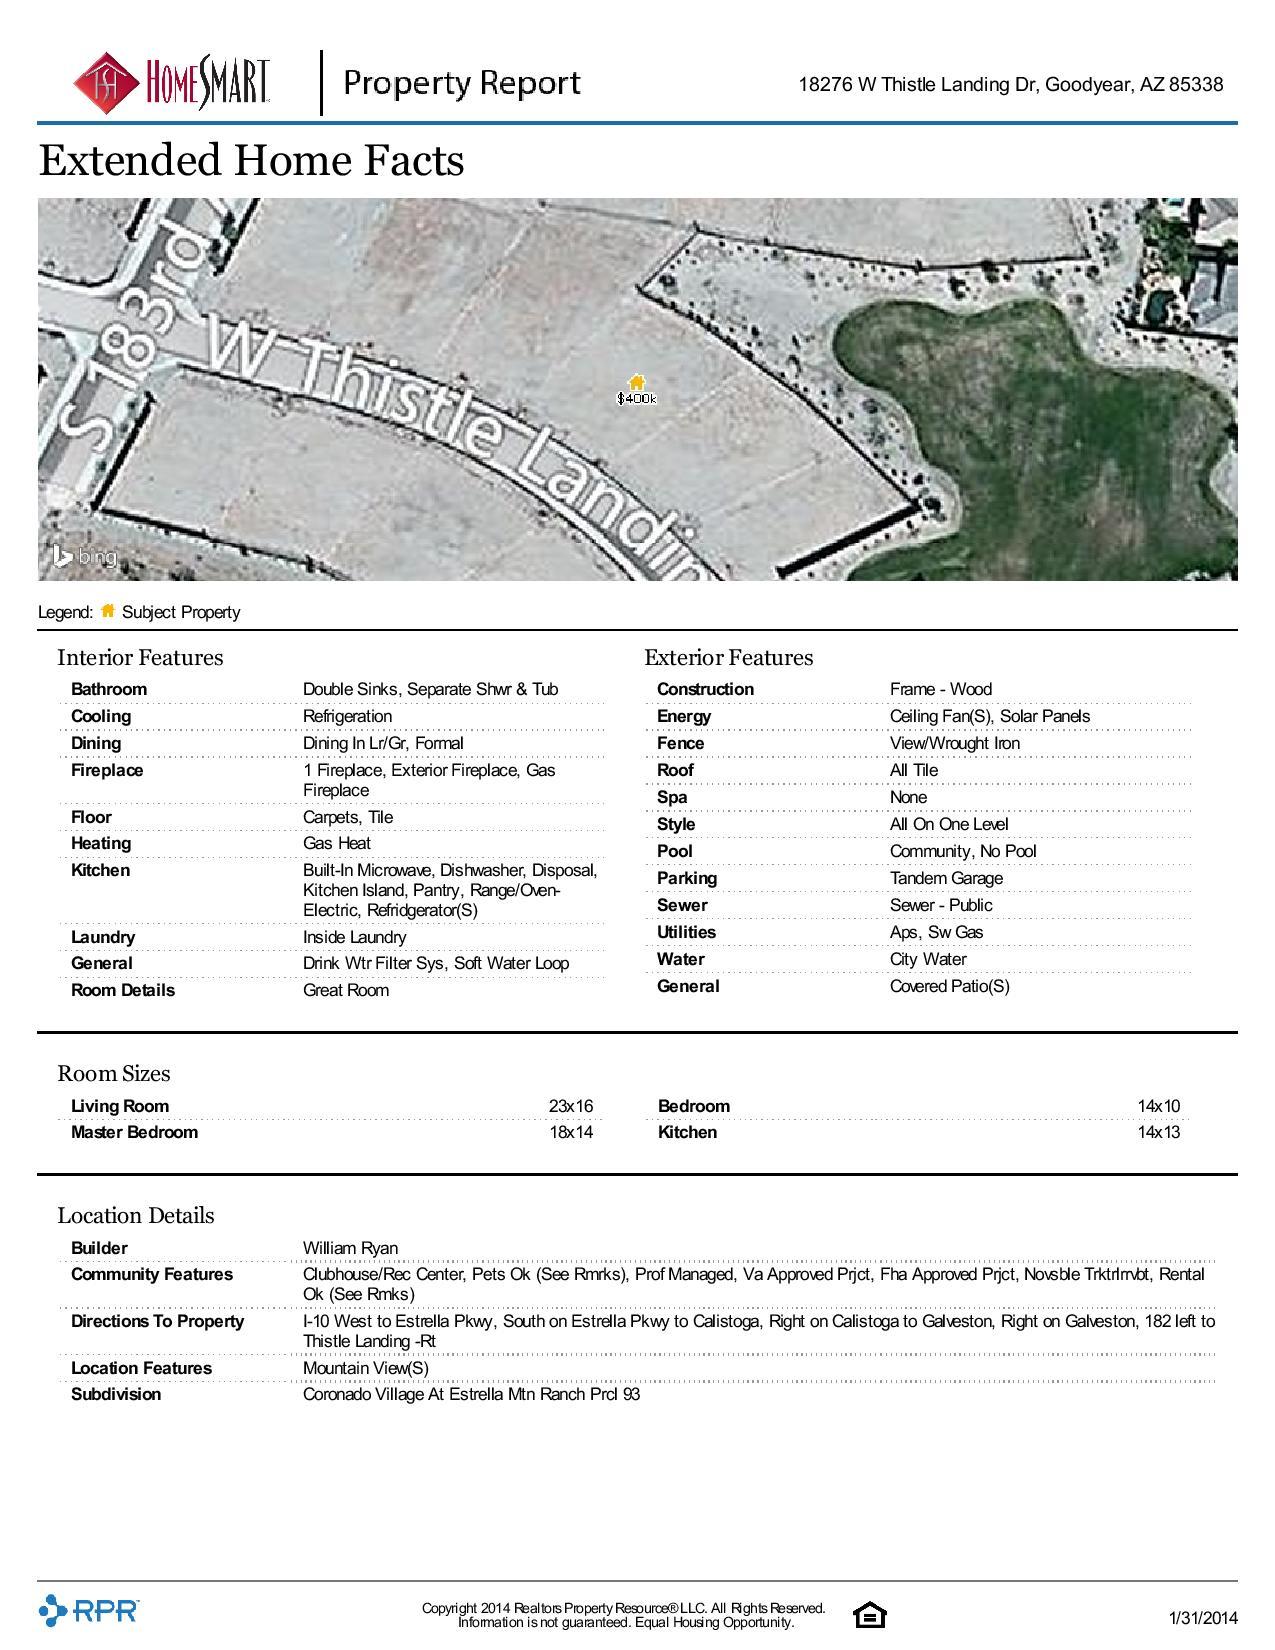 18276-W-Thistle-Landing-Dr-Goodyear-AZ-85338.pdf-page-004